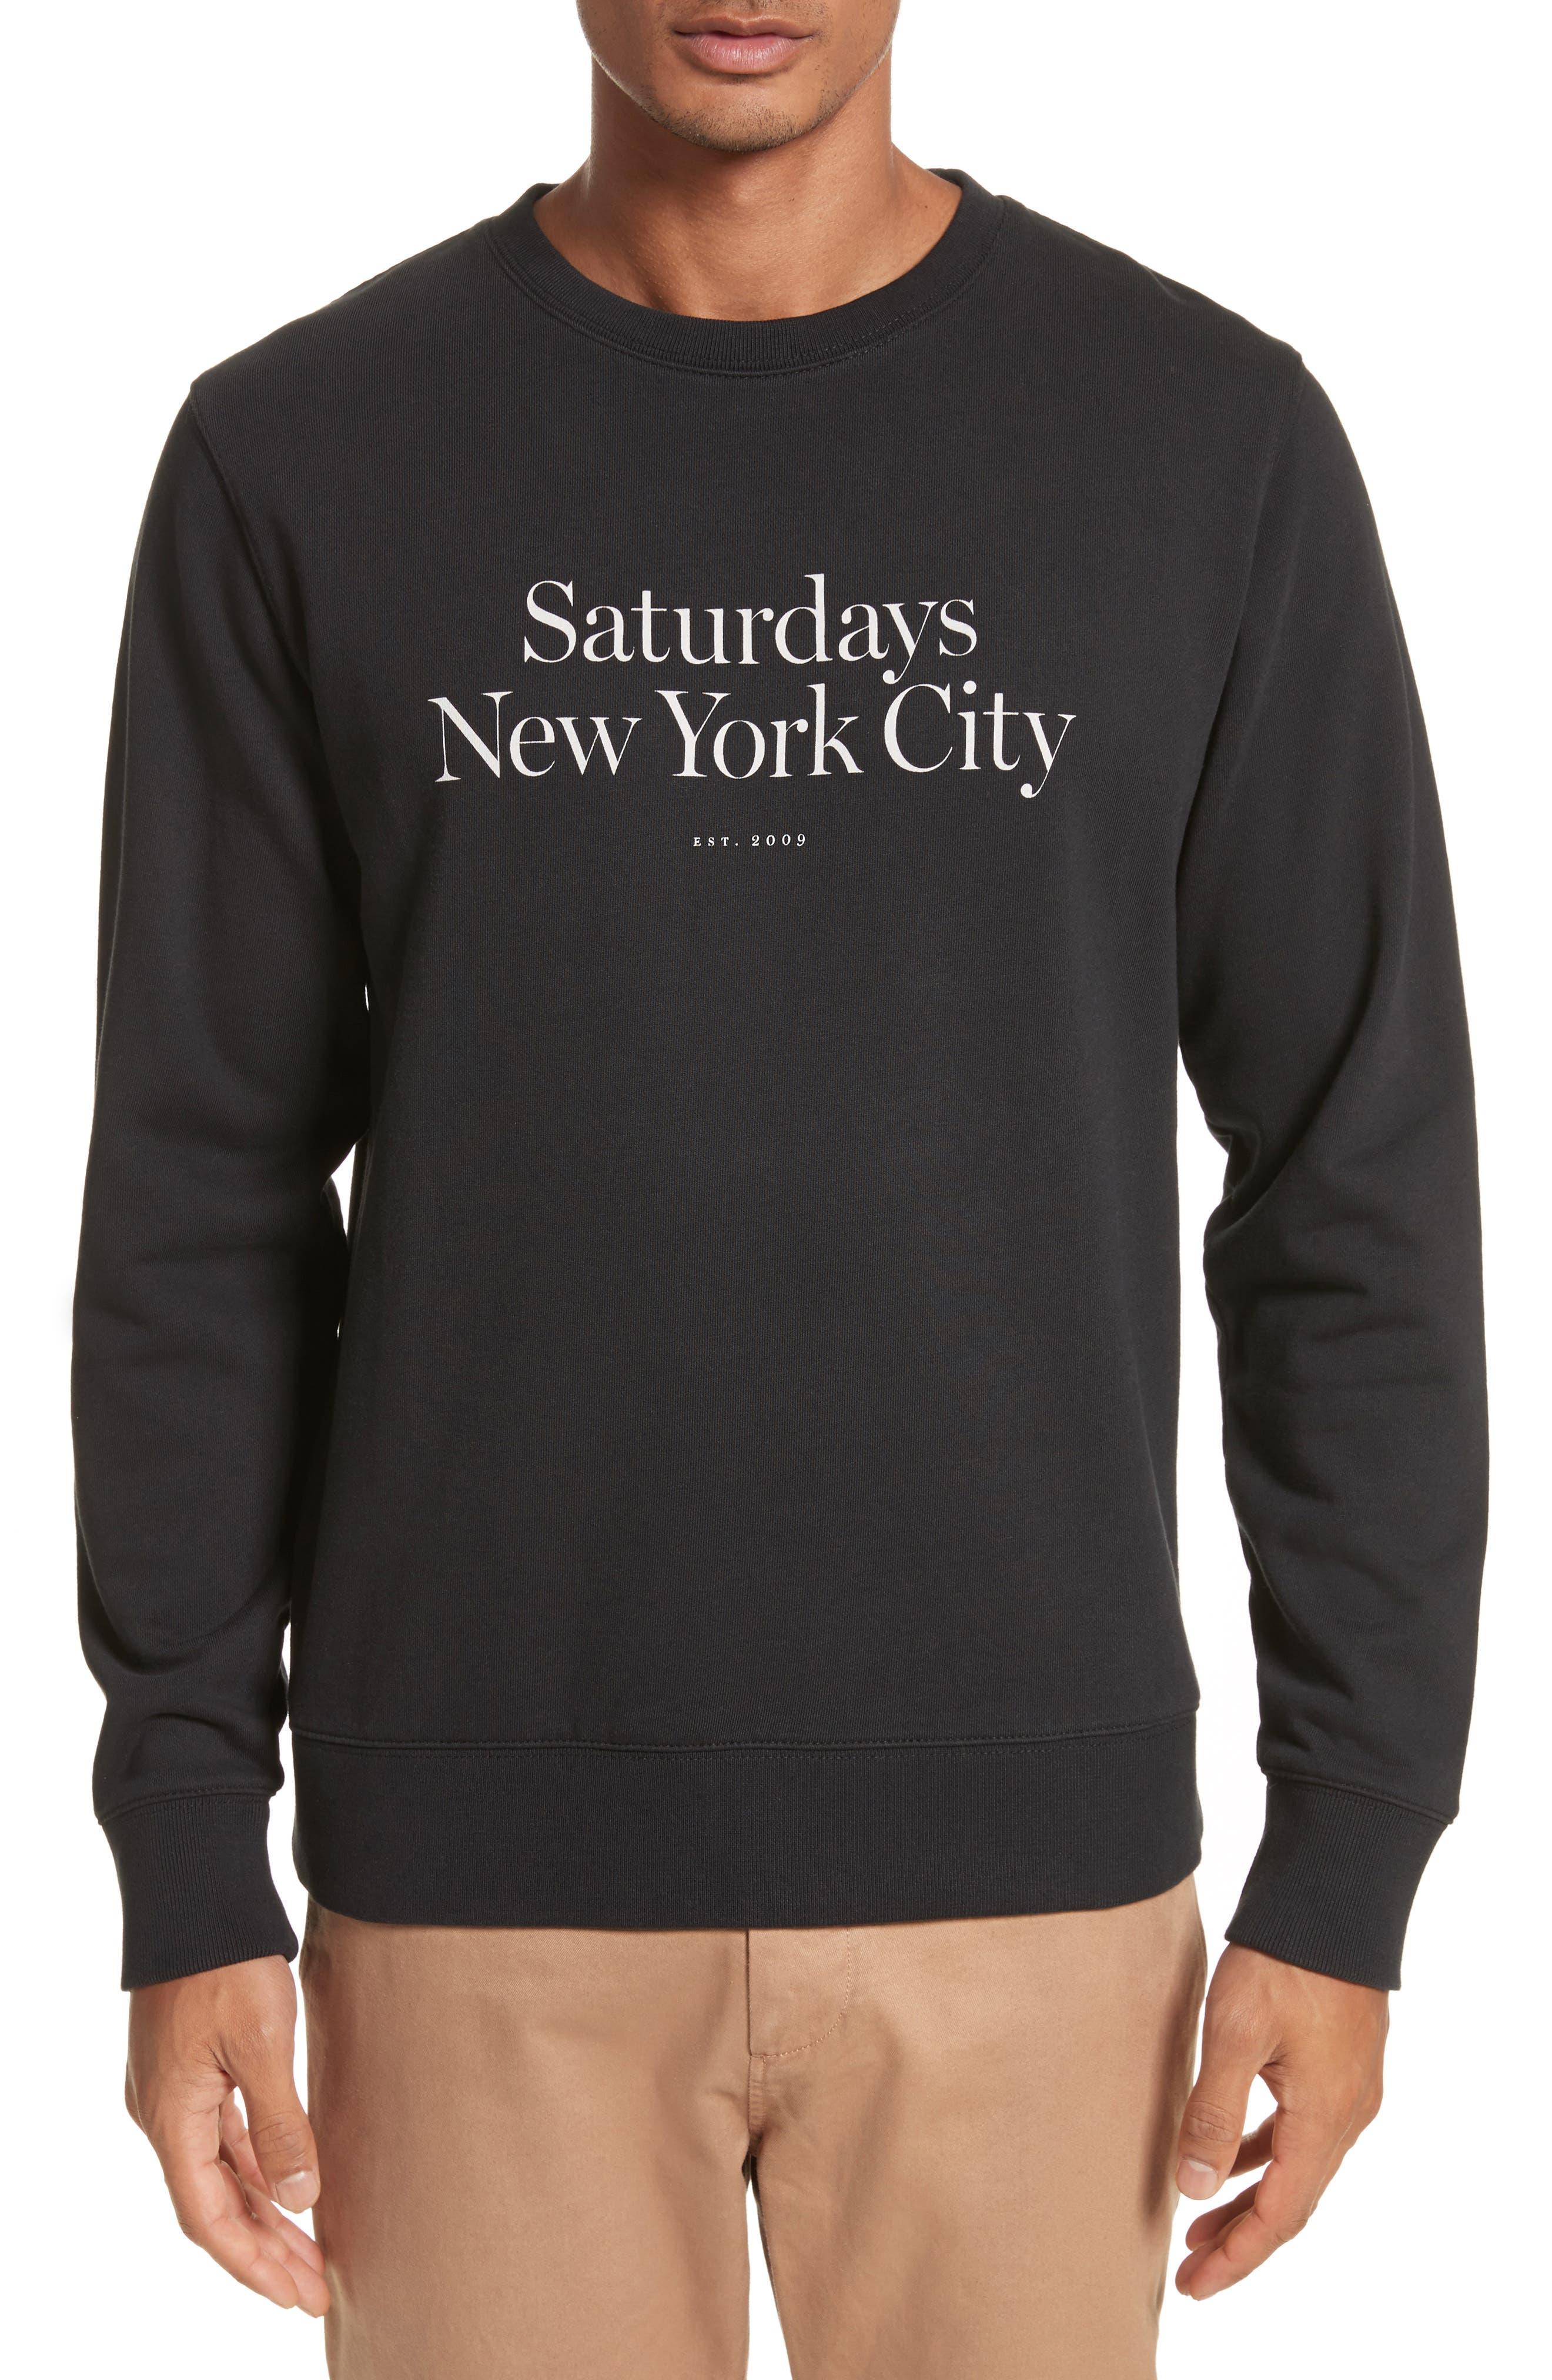 Saturdays NYC Bowery Miller Graphic Sweatshirt